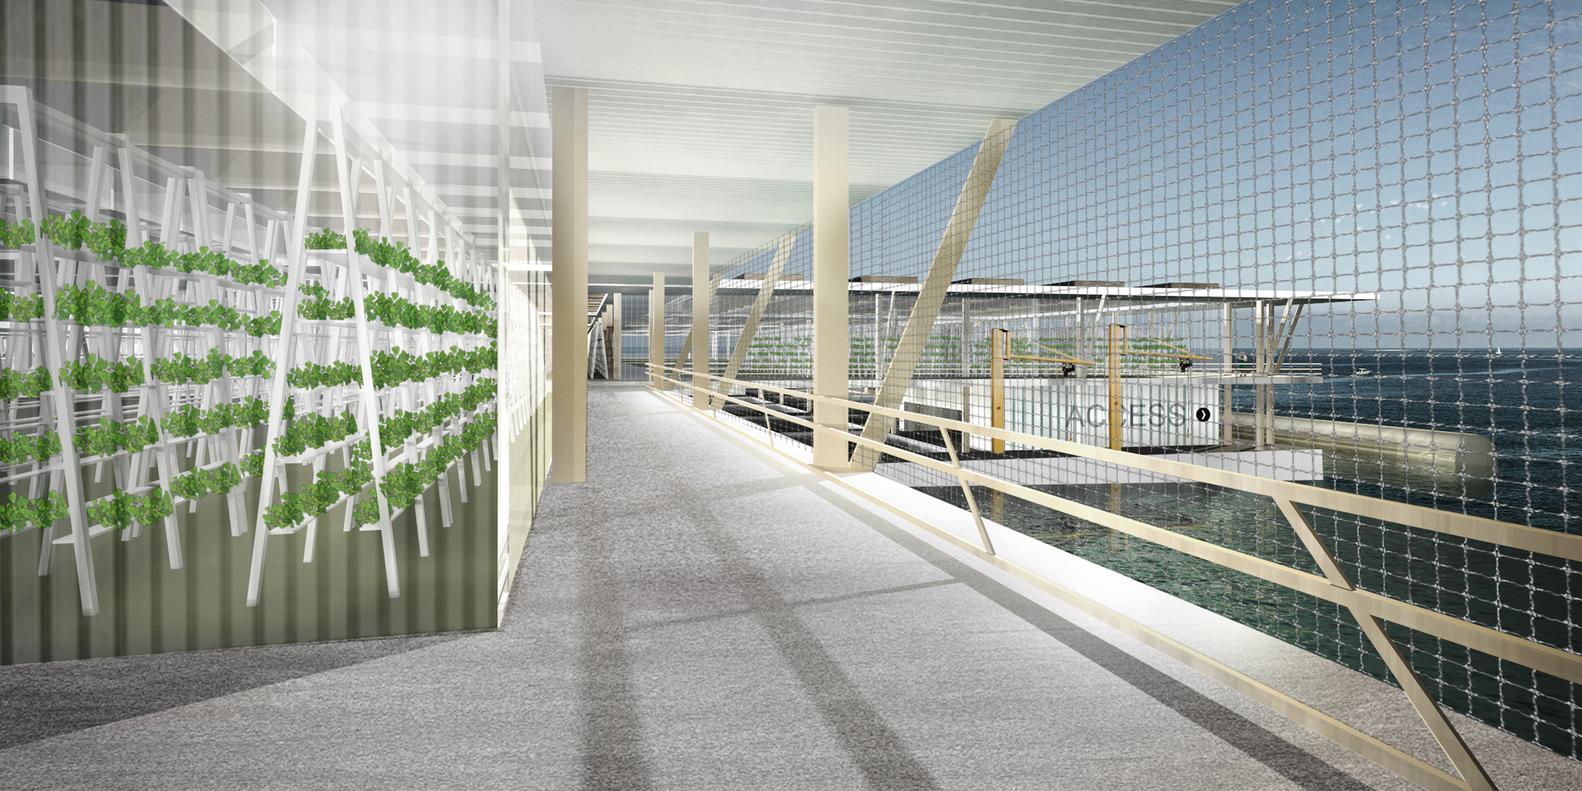 3-fazendas-flutuantes-forward-thinking-architecture